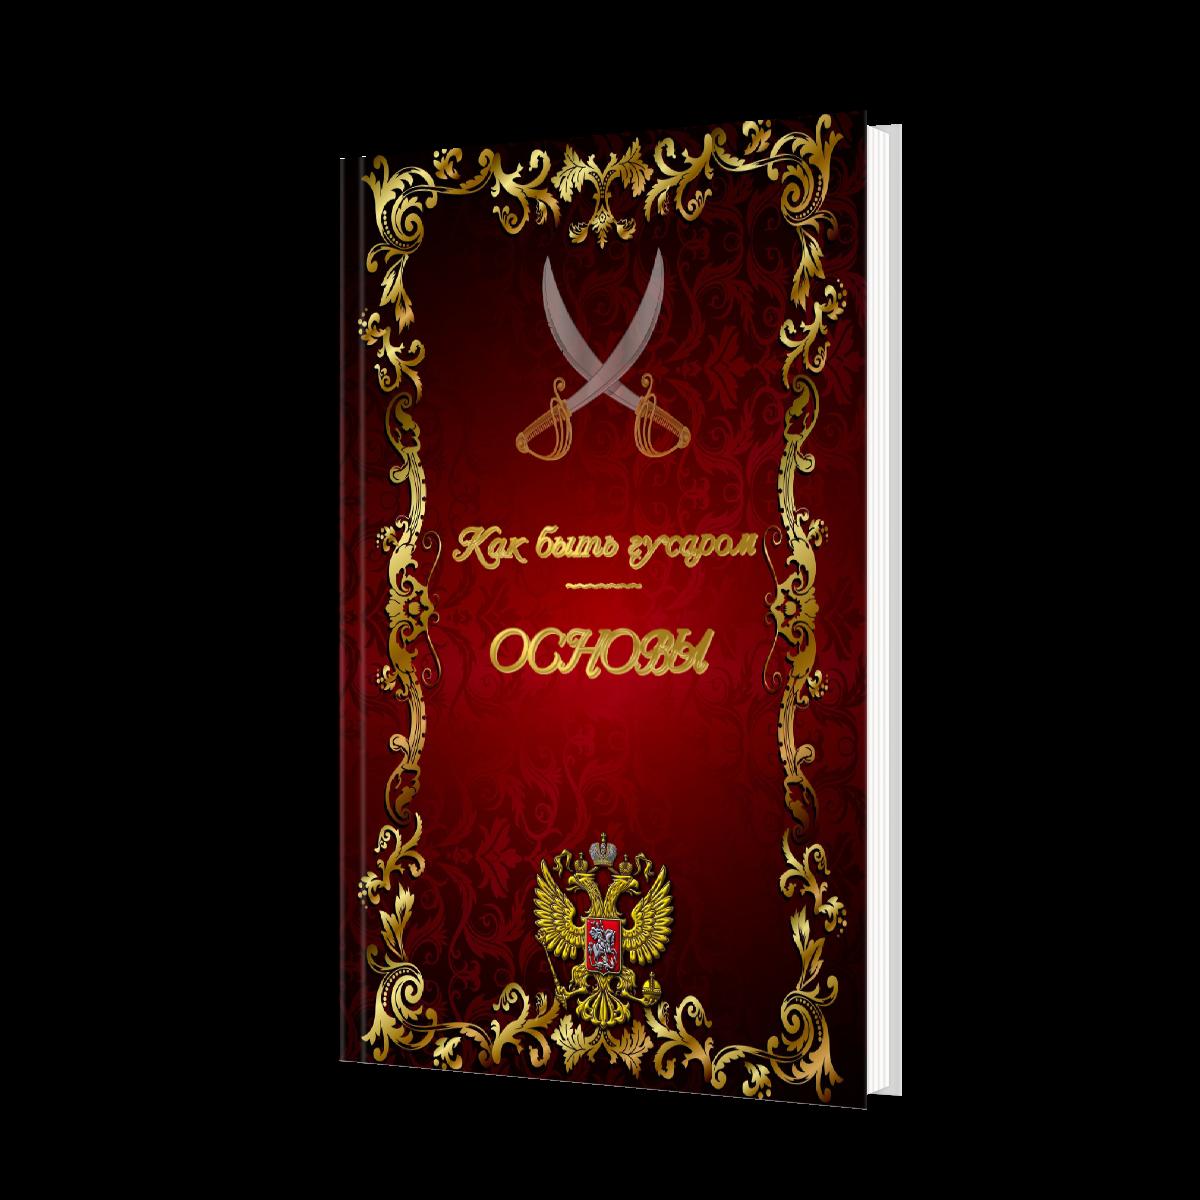 Обложка книги  фото f_4515fb50ea9bf2e8.png